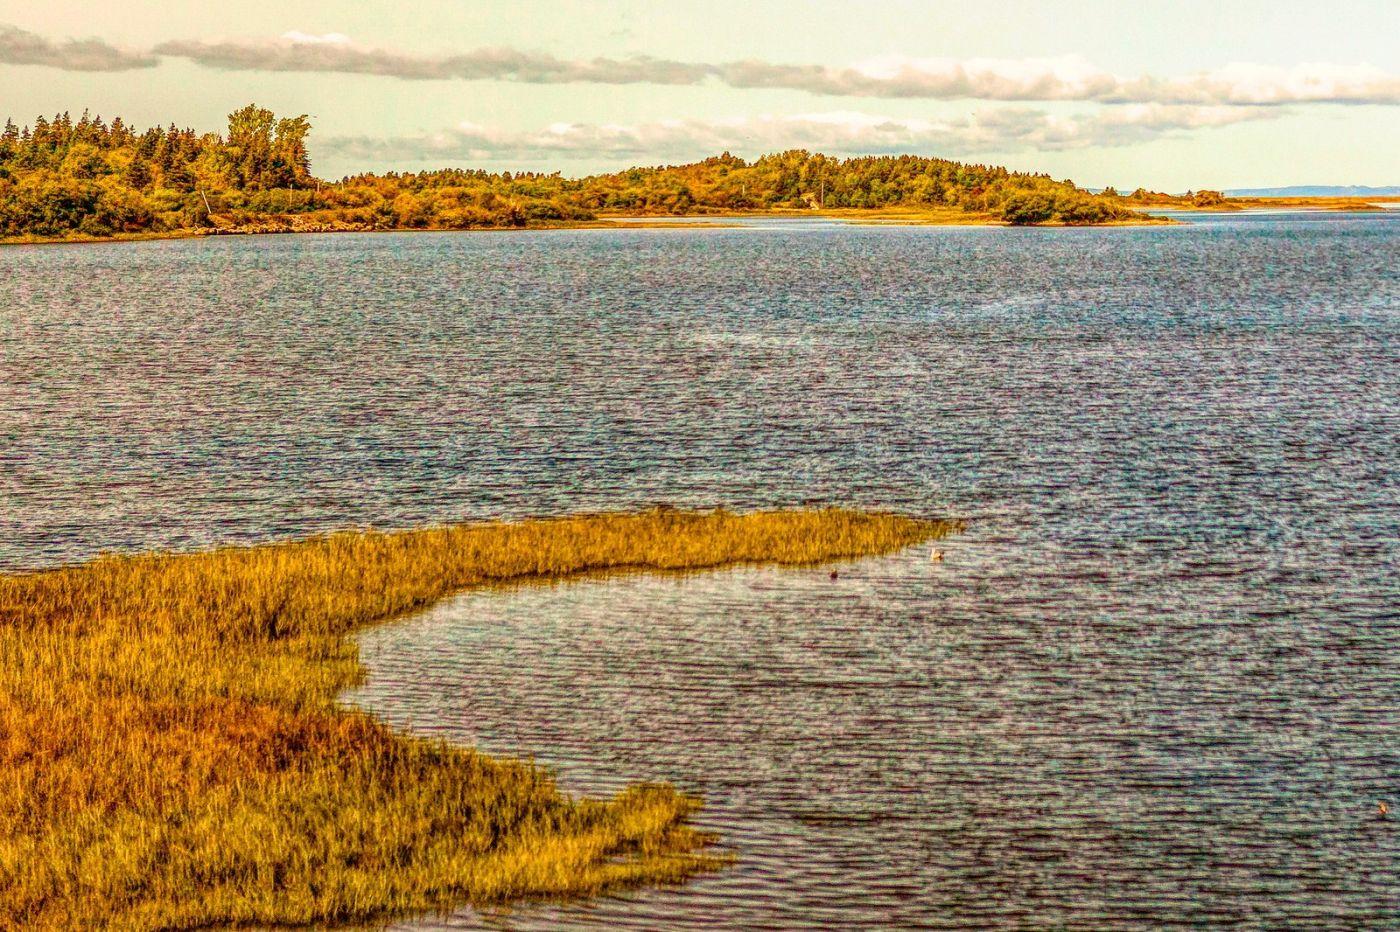 加拿大路途,水边抓拍_图1-29